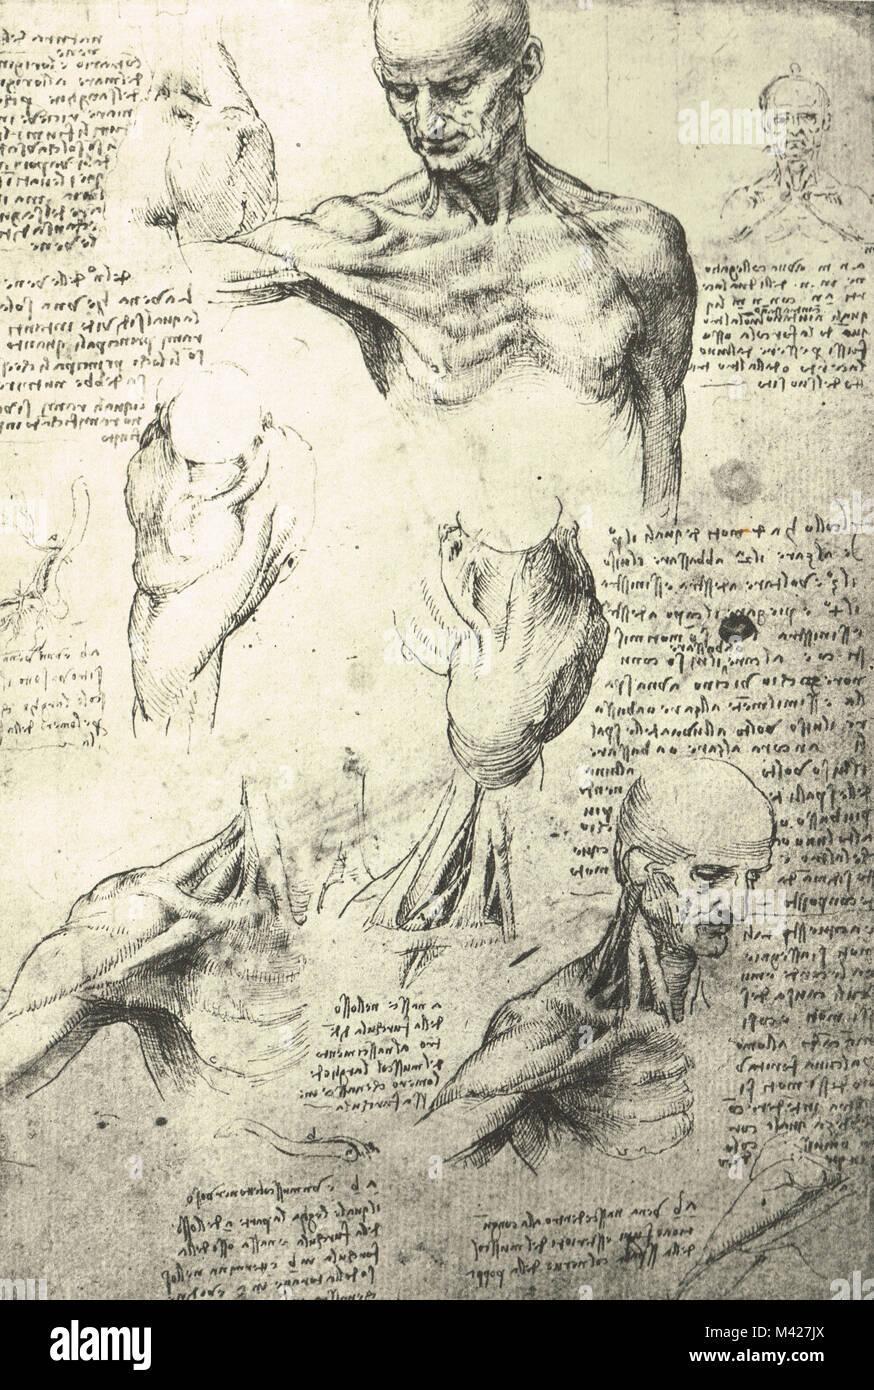 Anatomical Drawing By Leonardo Da Vinci Mans Neck And Shoulders